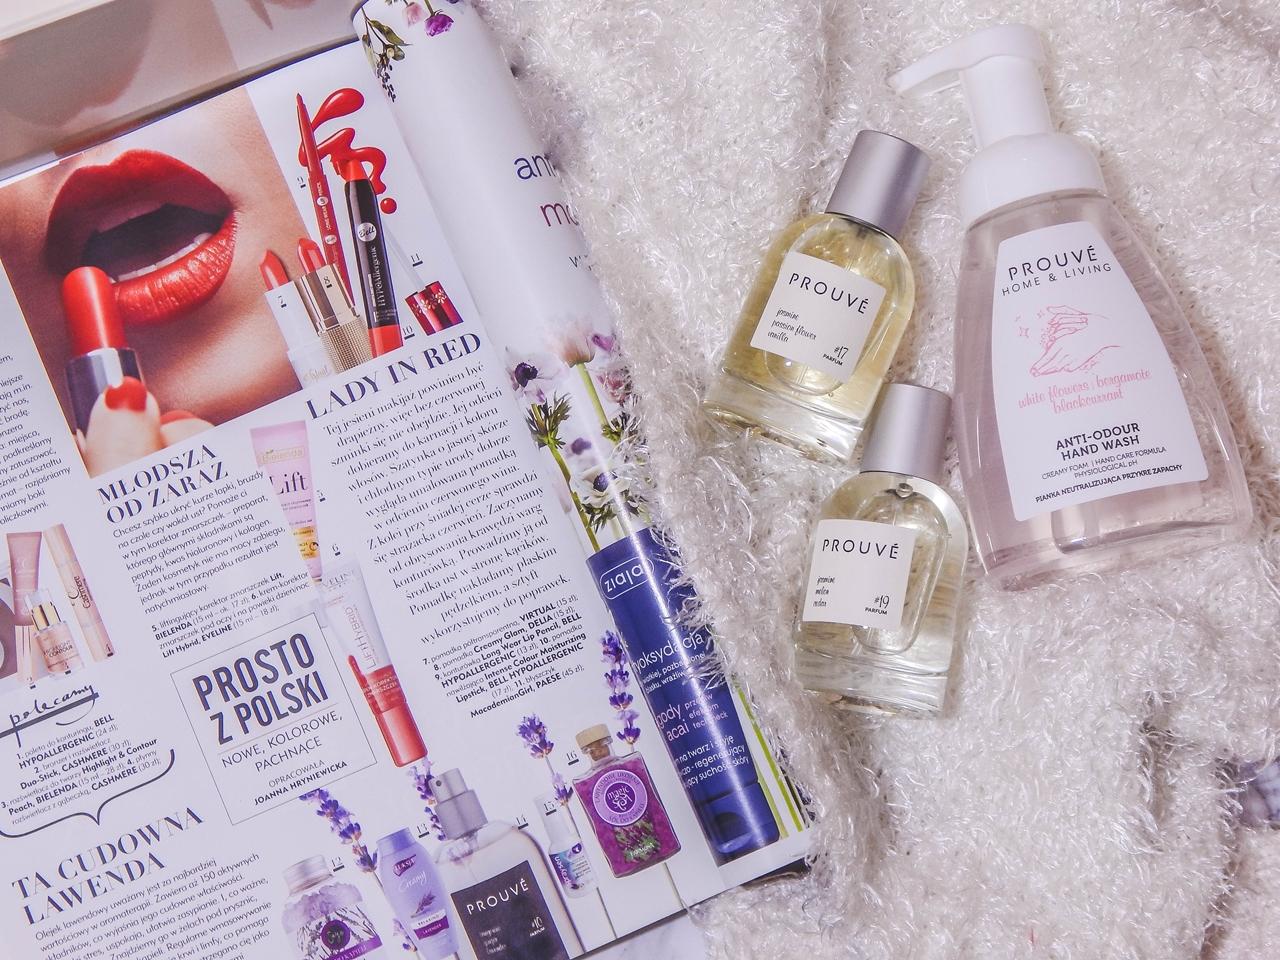 1 prouve perfumy jak wybrać zapach perfum jakie perfumy na zimę, perfumowane produkty do sprzątania vaniliowe perfumy polskie perfumy lawendowe, cydrowe, czym usunąć brzydki zapach z rąk, jak usunąć zapach cebuli